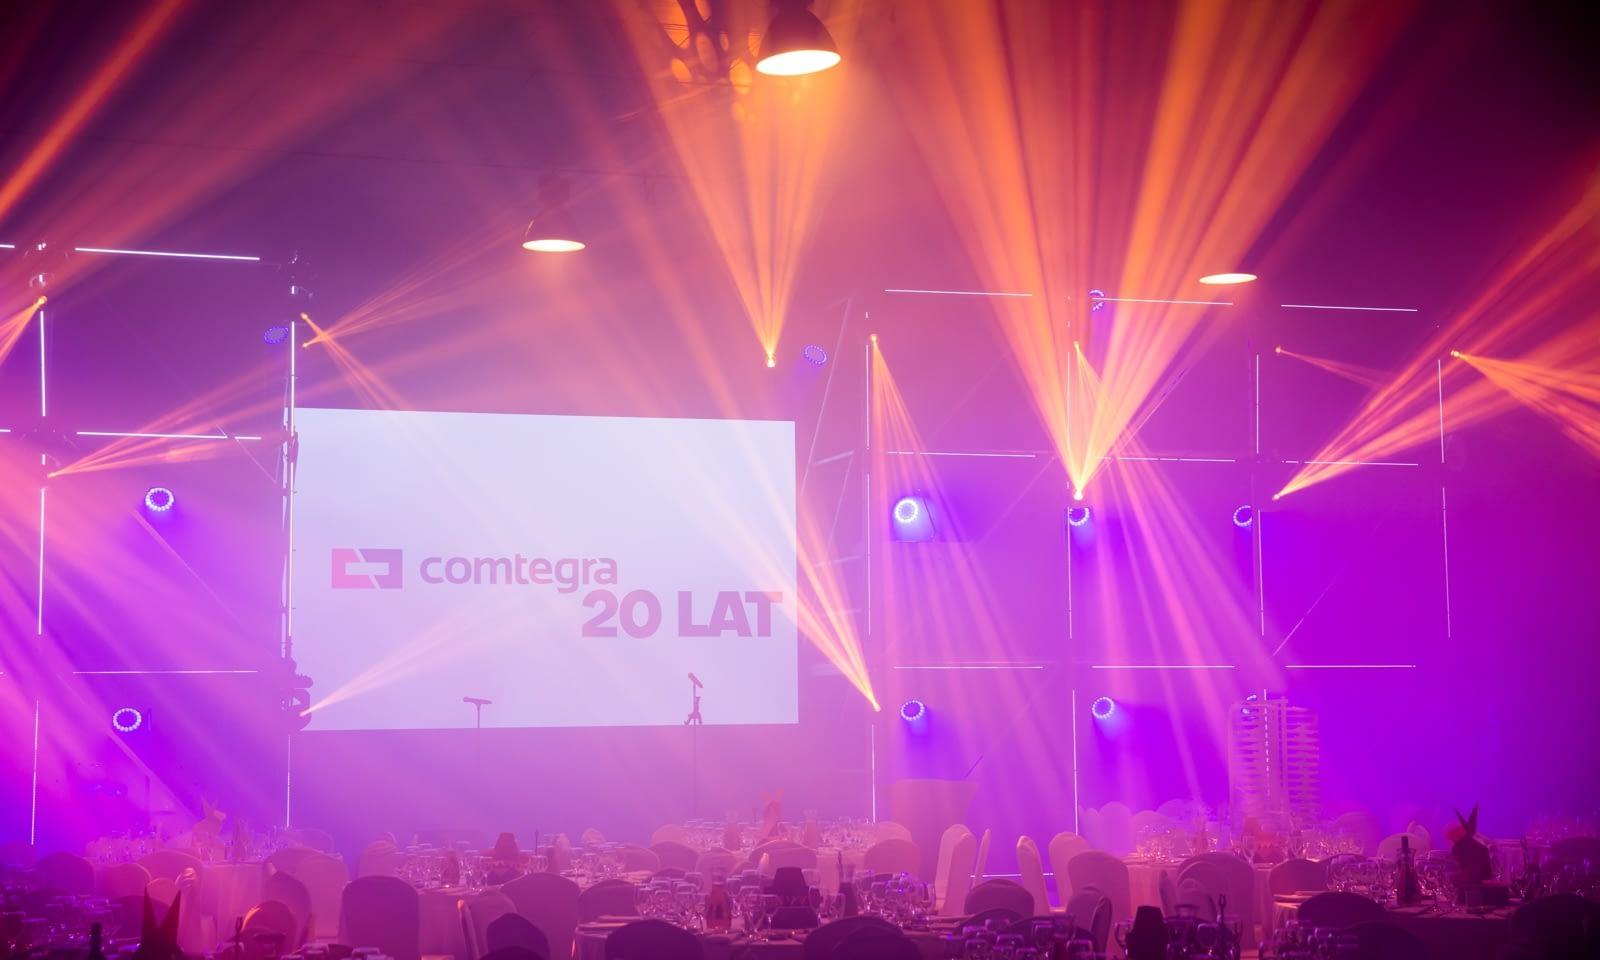 Comtegra 2019 Brill AV Media